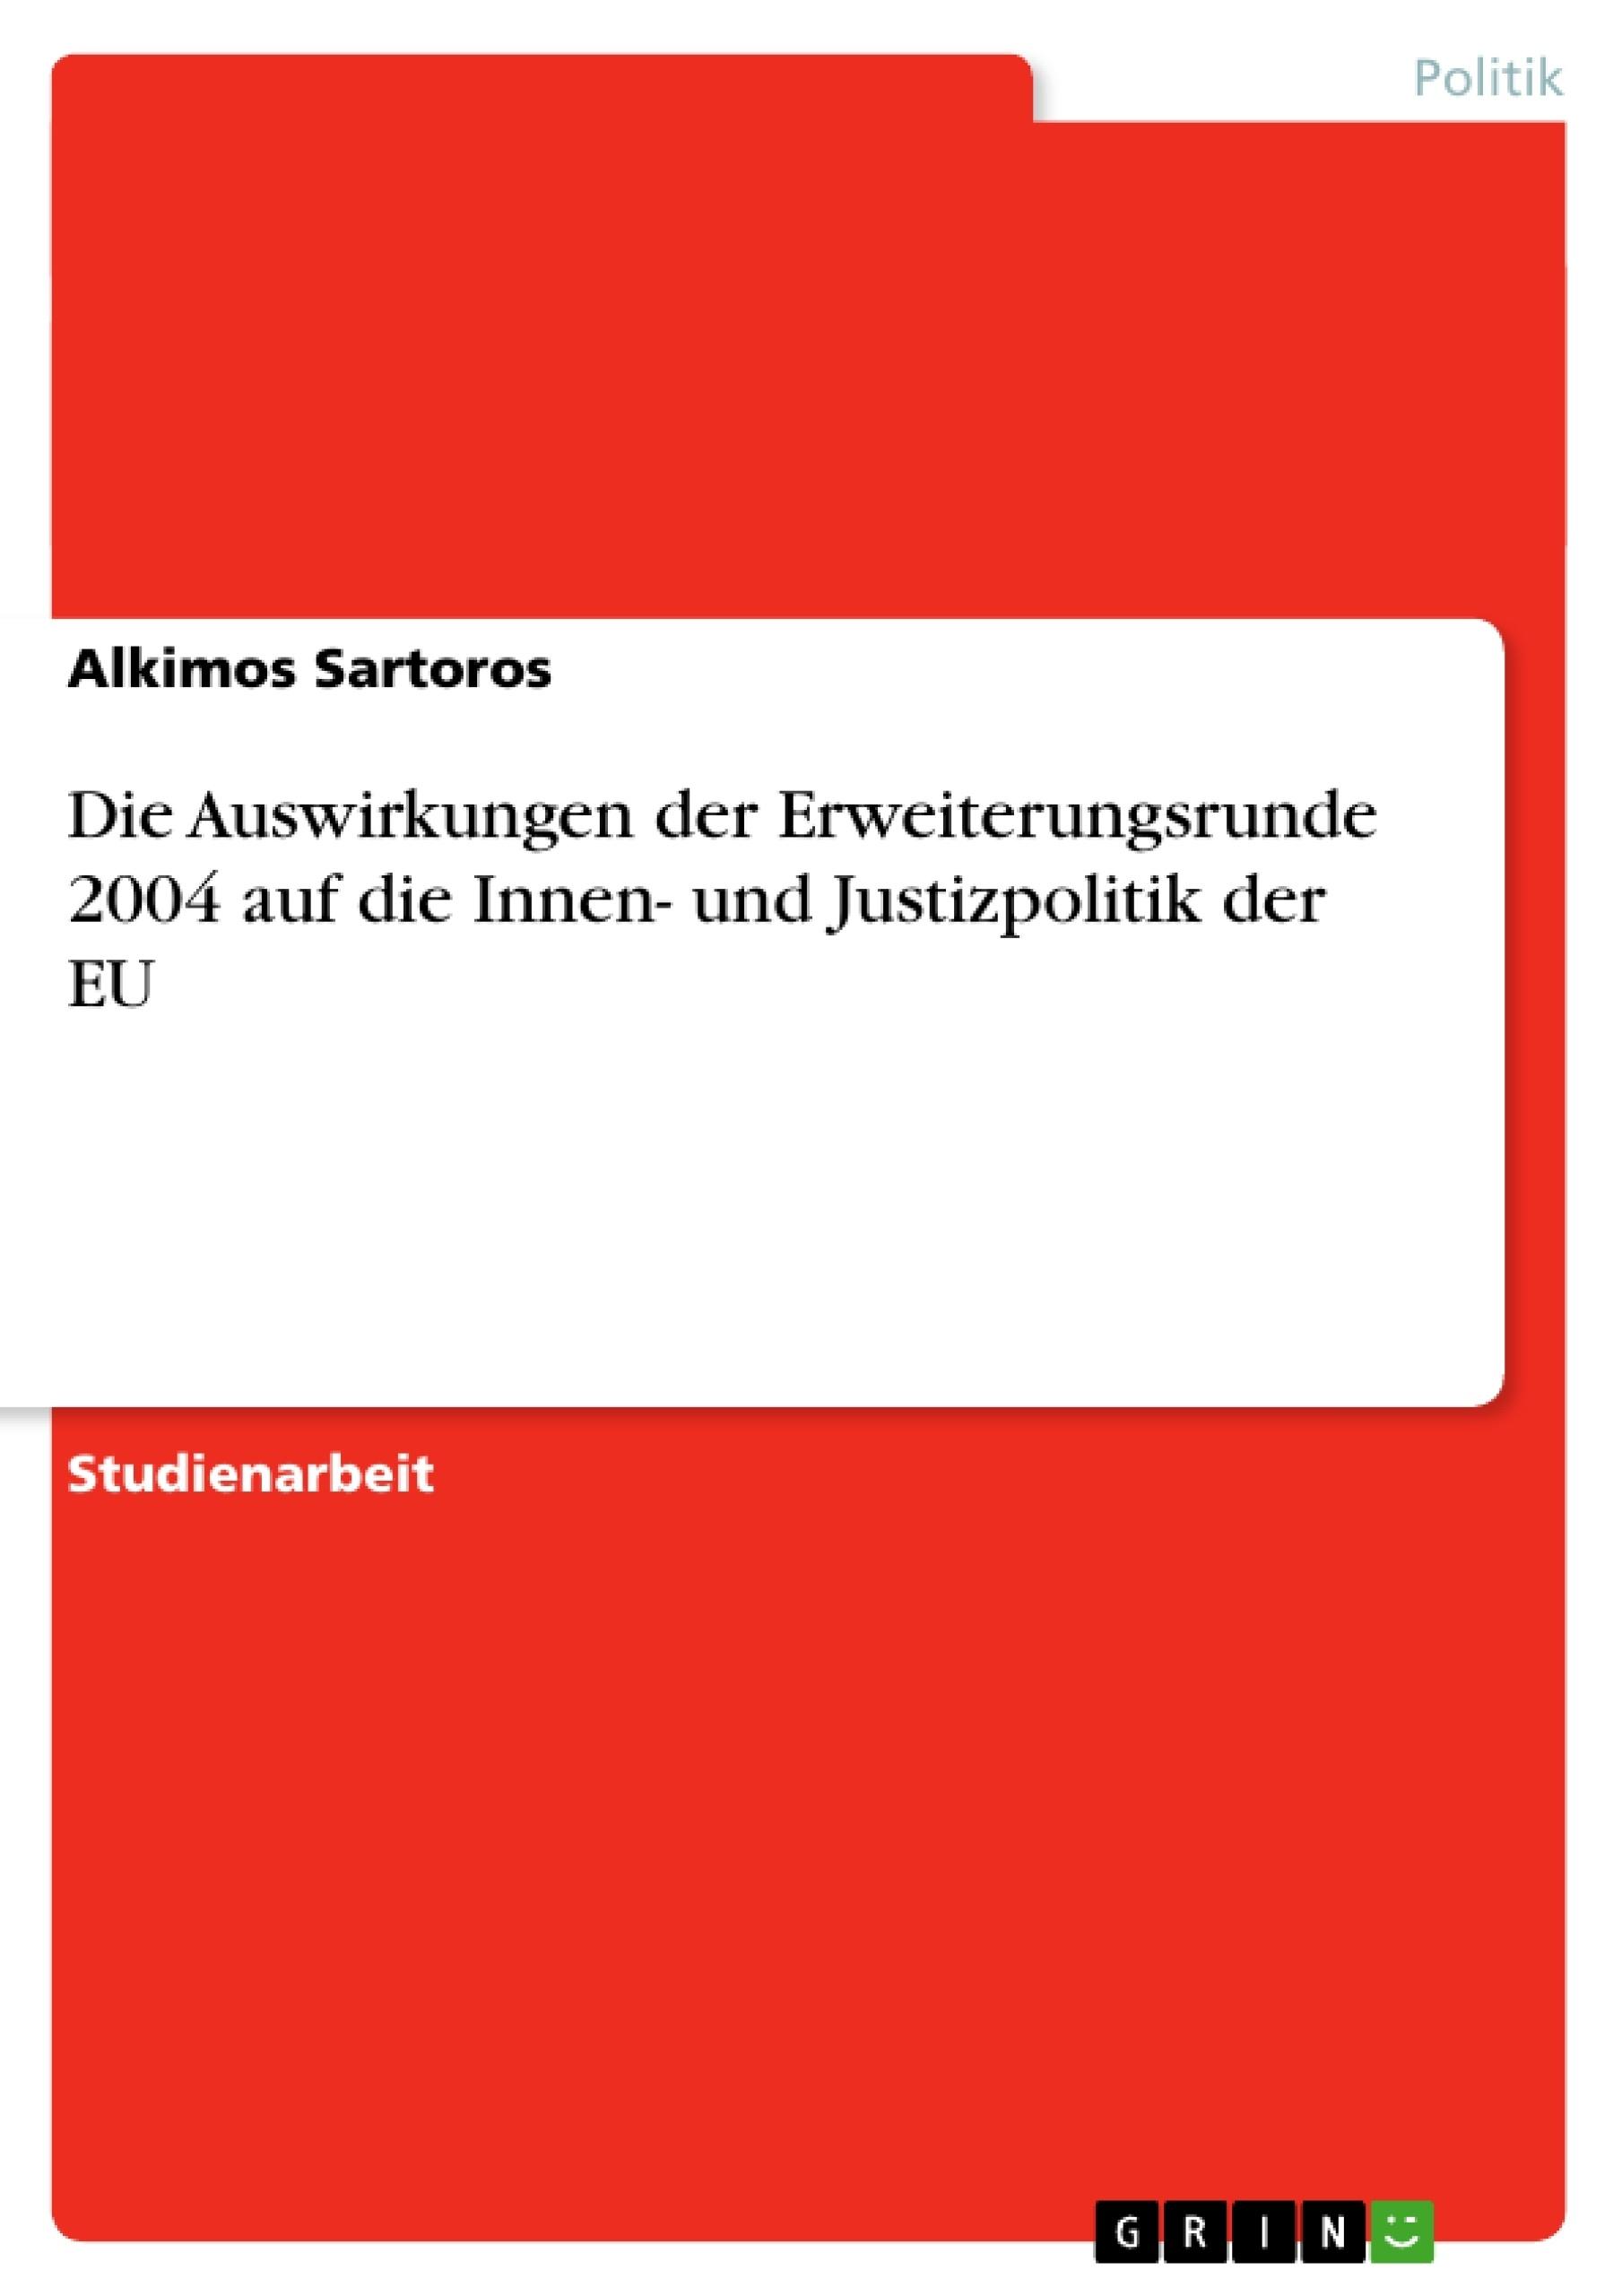 Titel: Die Auswirkungen der Erweiterungsrunde 2004 auf die Innen- und Justizpolitik der EU